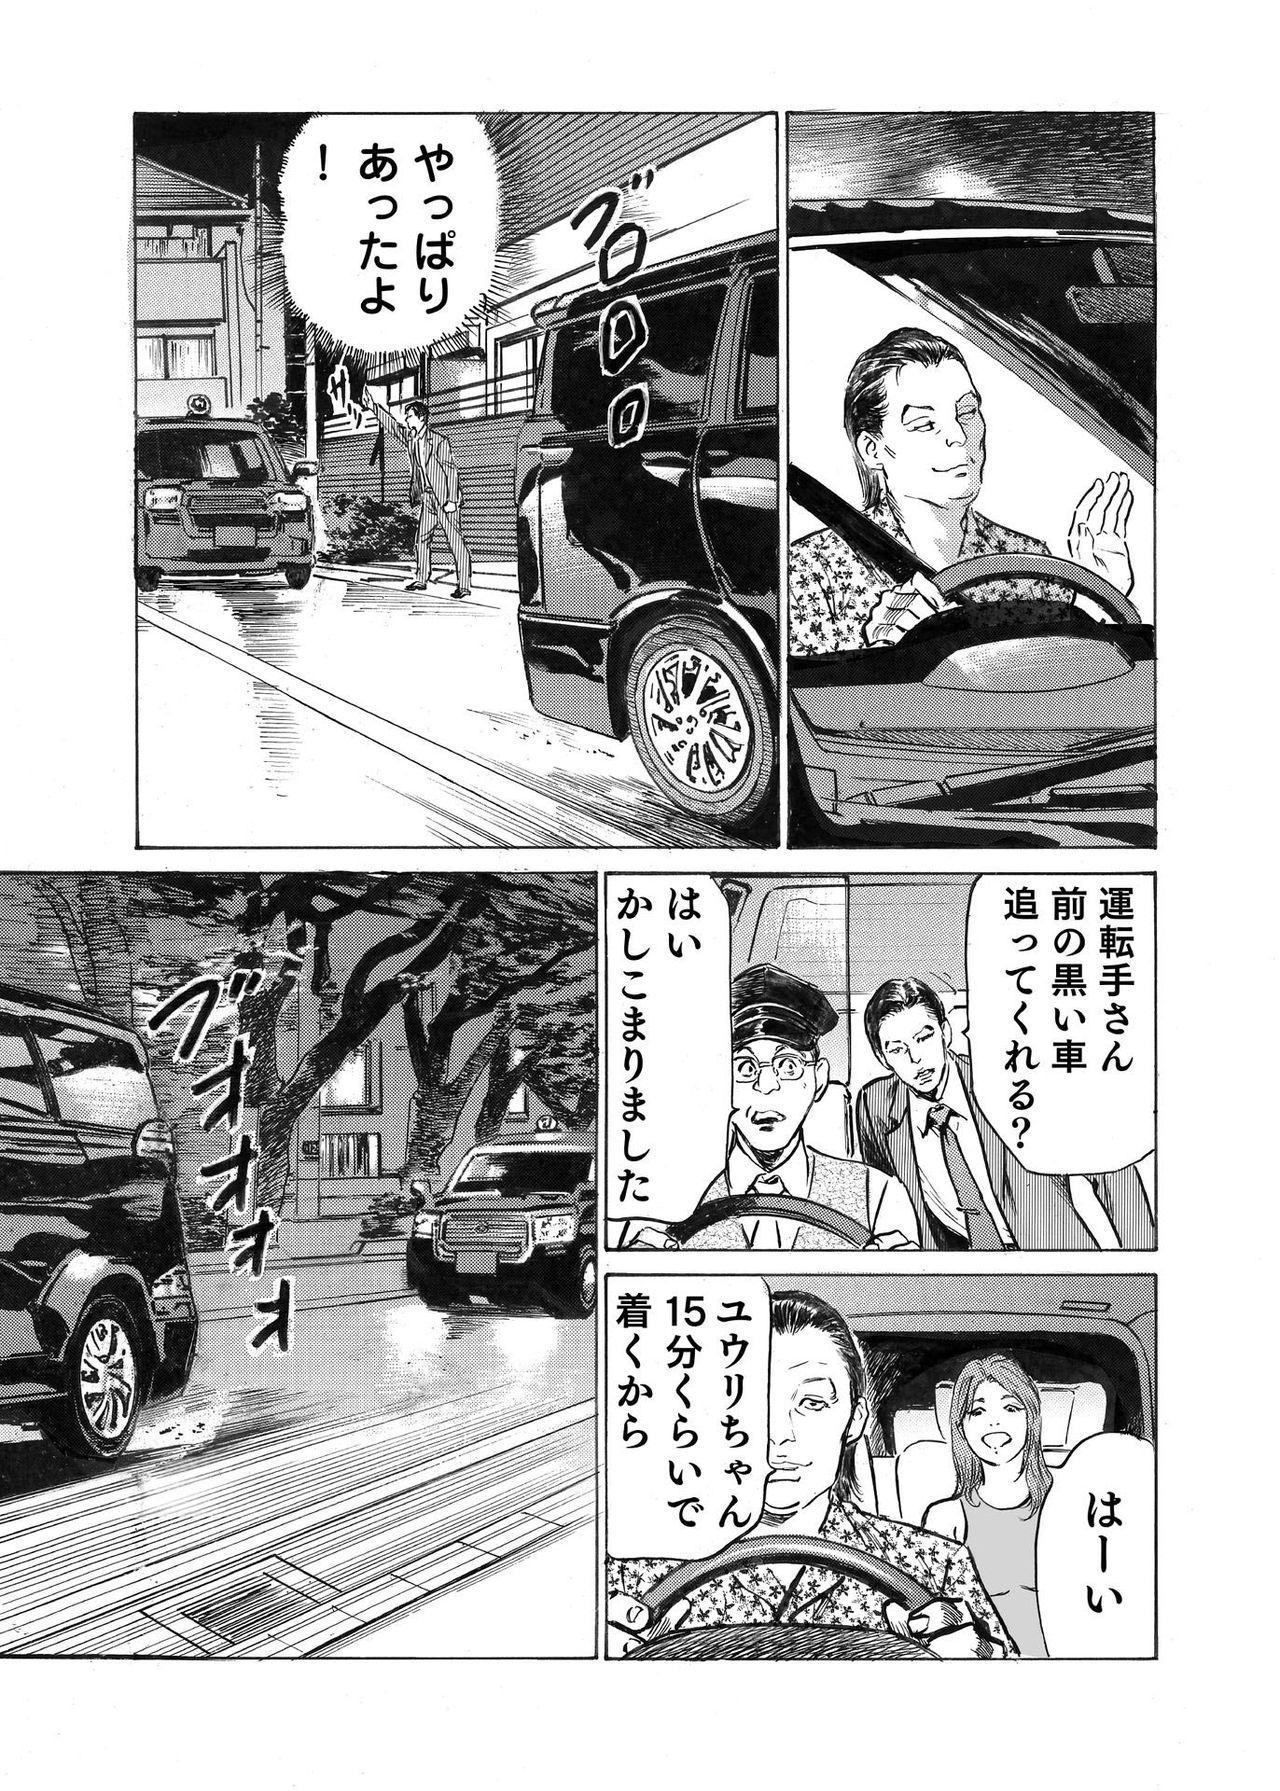 Ore wa Tsuma no Koto o Yoku Shiranai 1-9 203